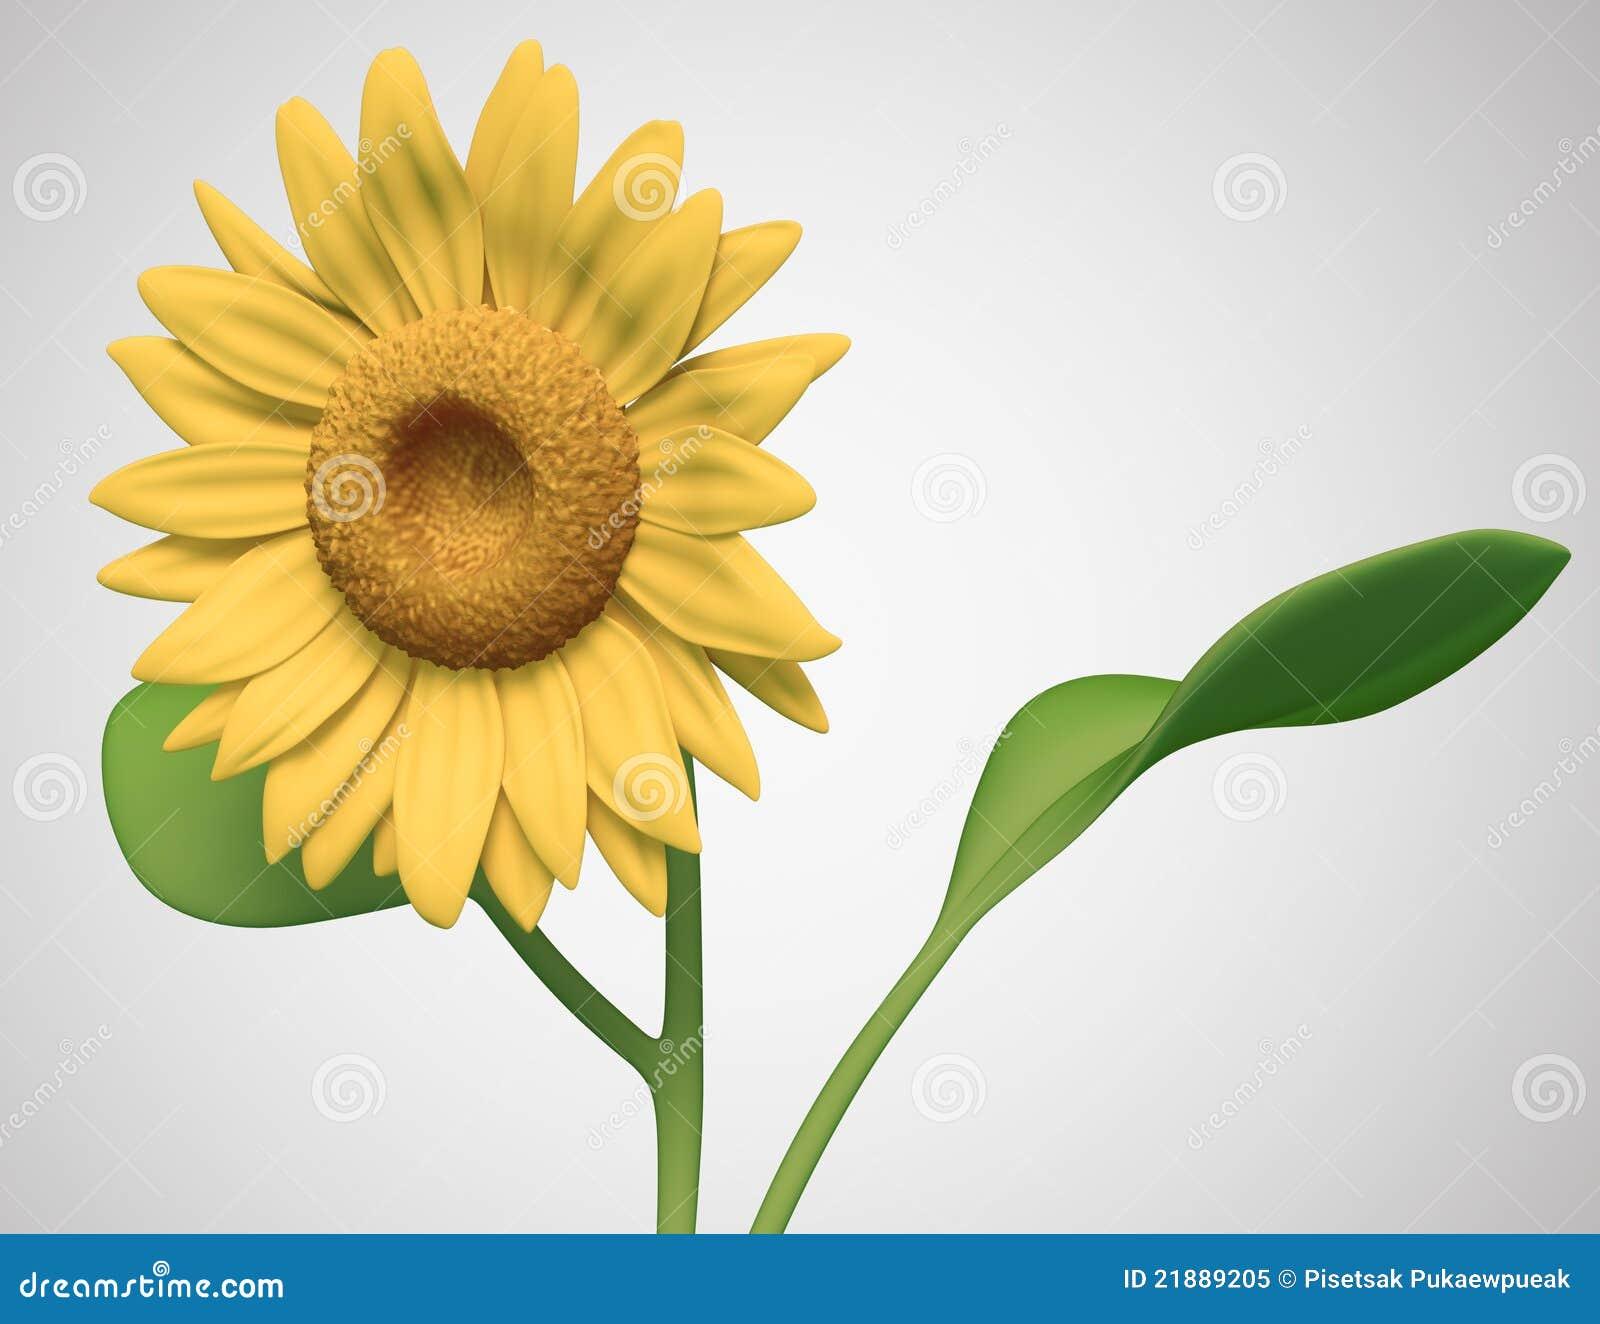 Erfreut Sonnenblumen Färbung Bilder Bilder - Entry Level Resume ...